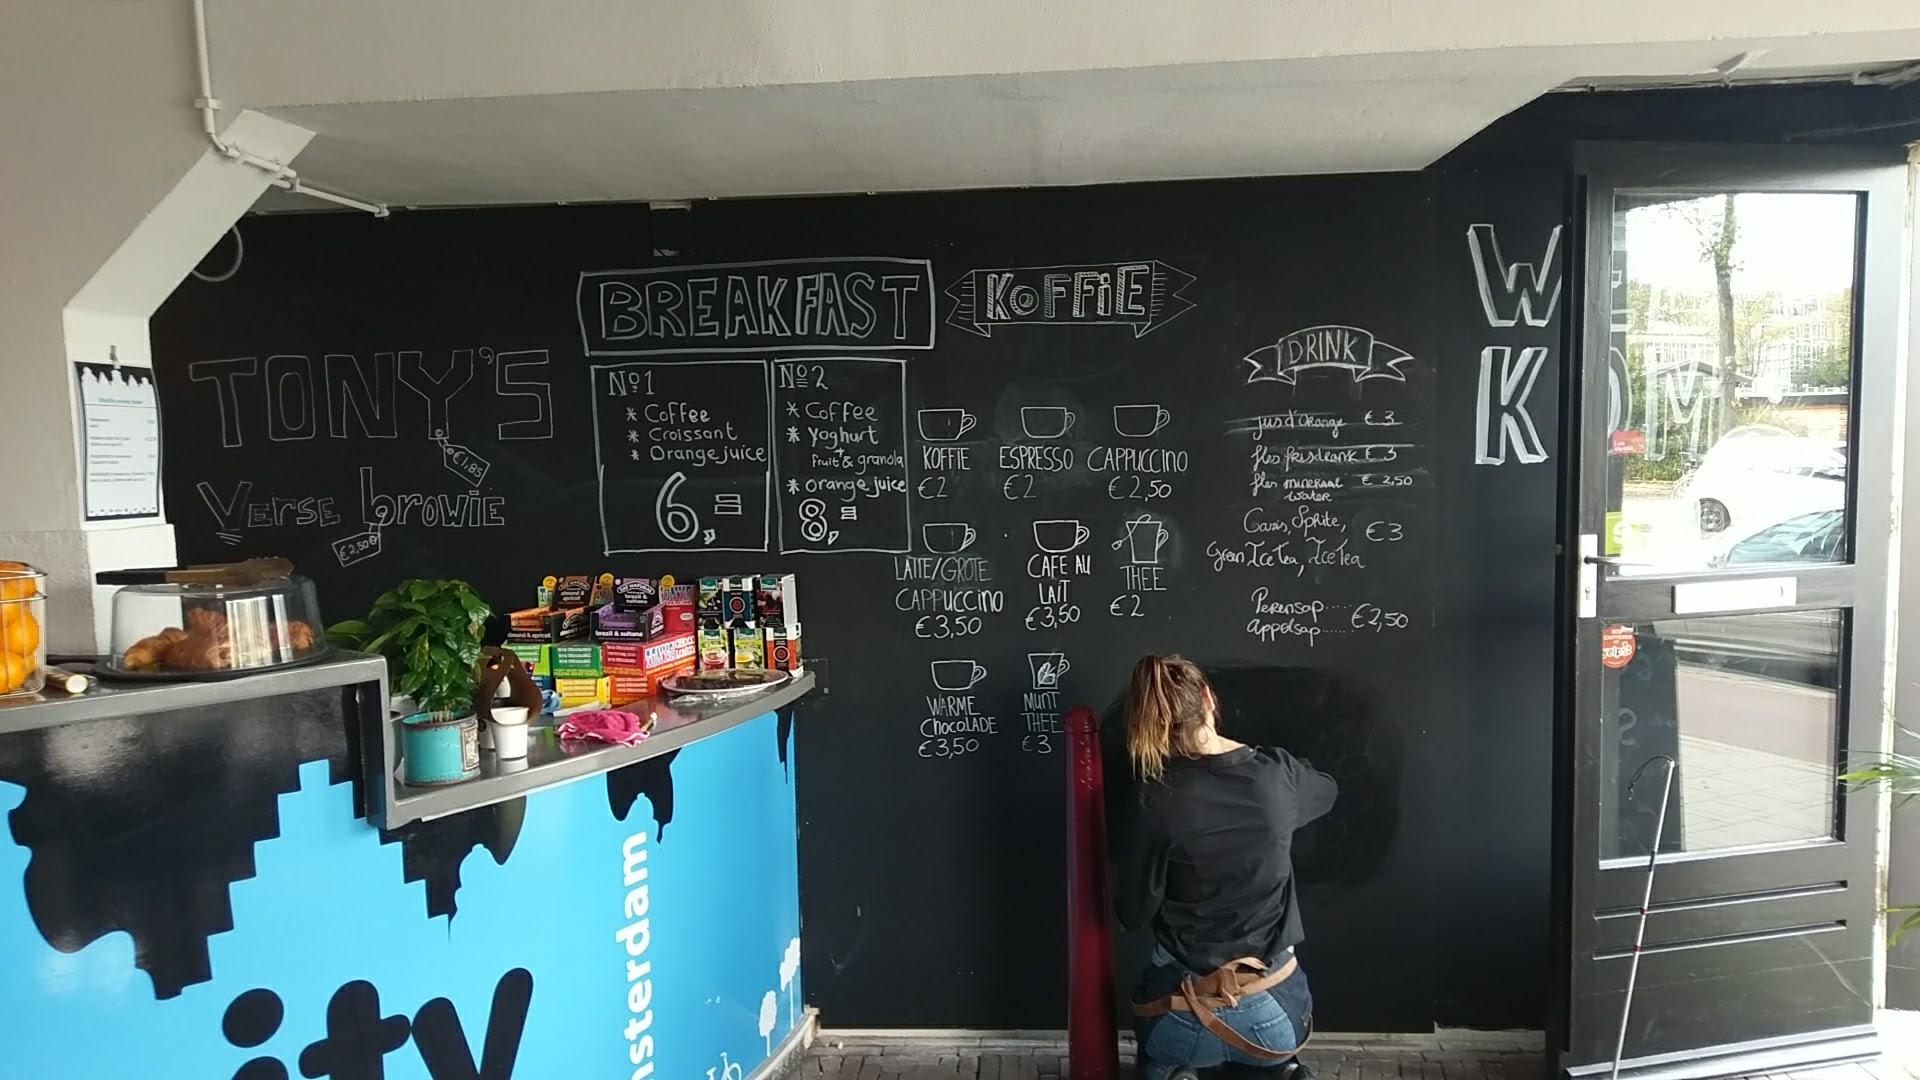 Amsterdam krijgt eerste koffiebar met gebarentaal